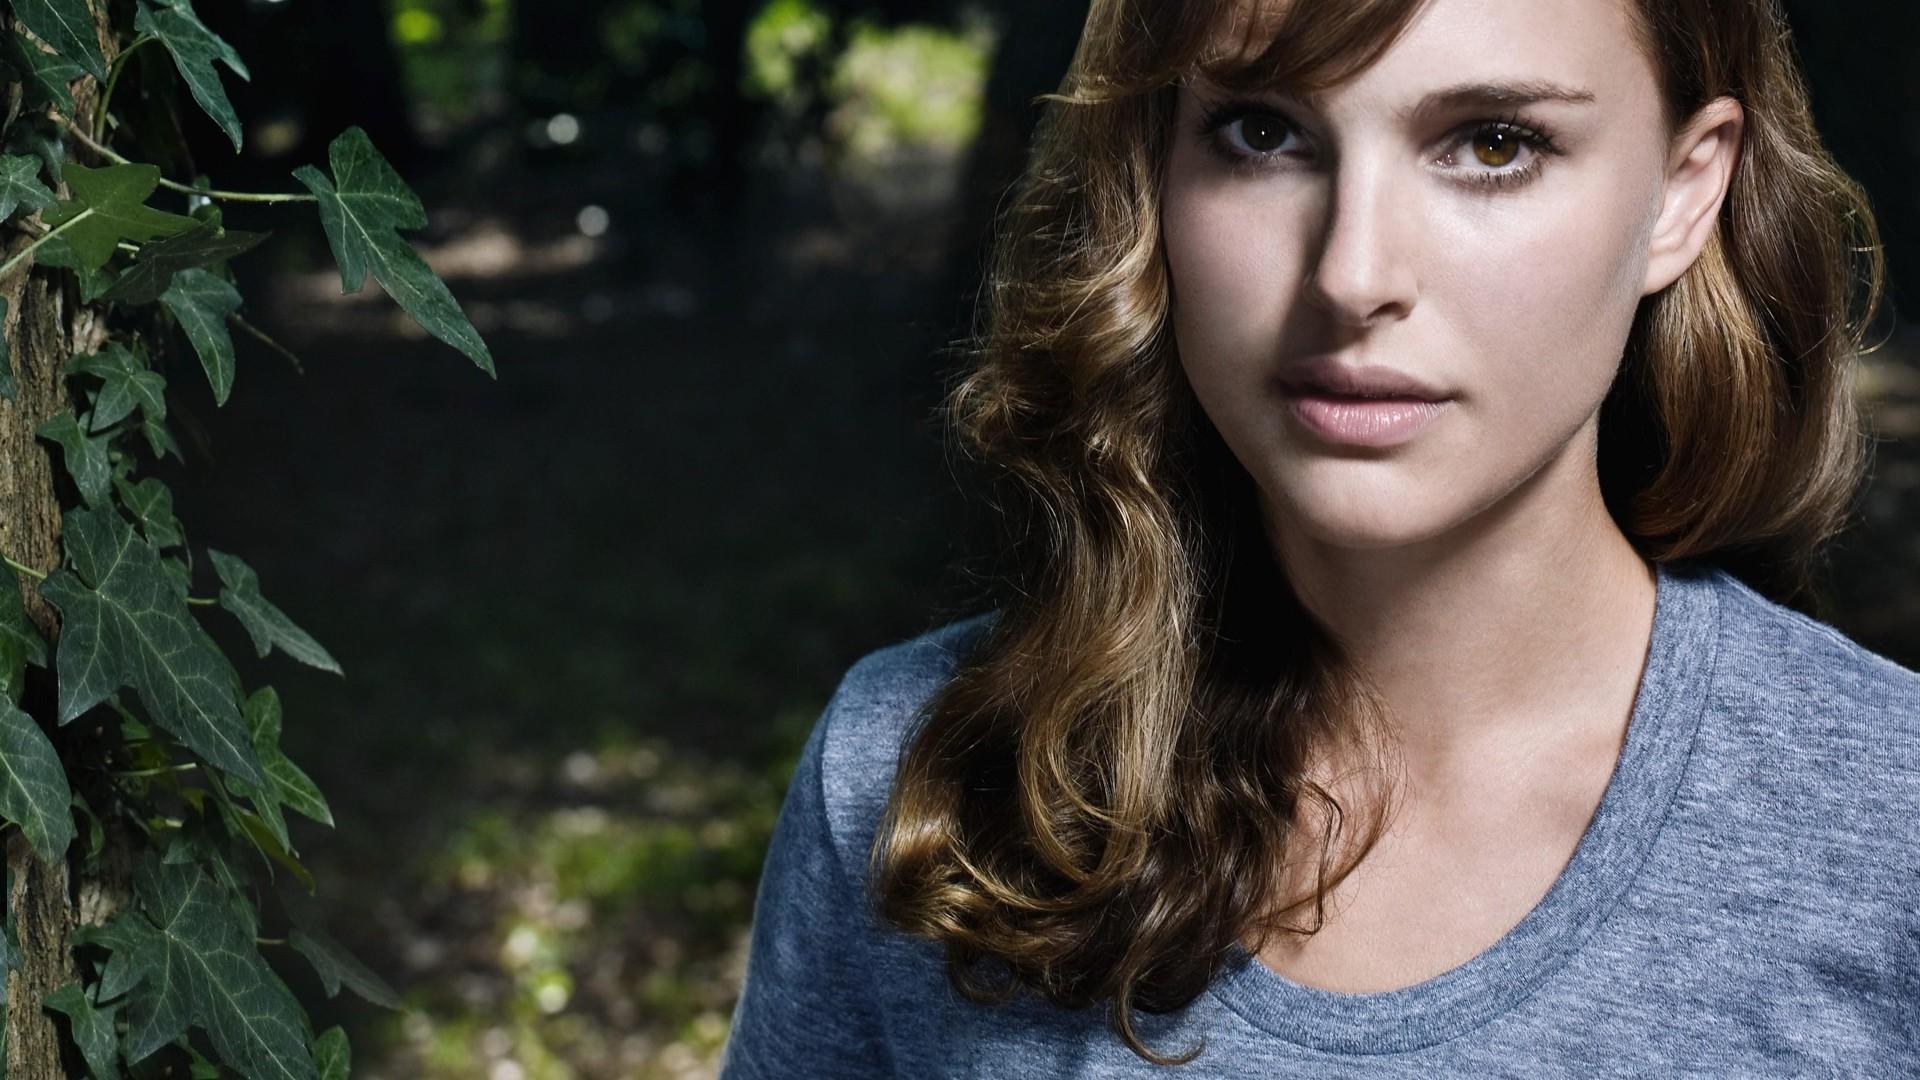 Natalie Portman Background